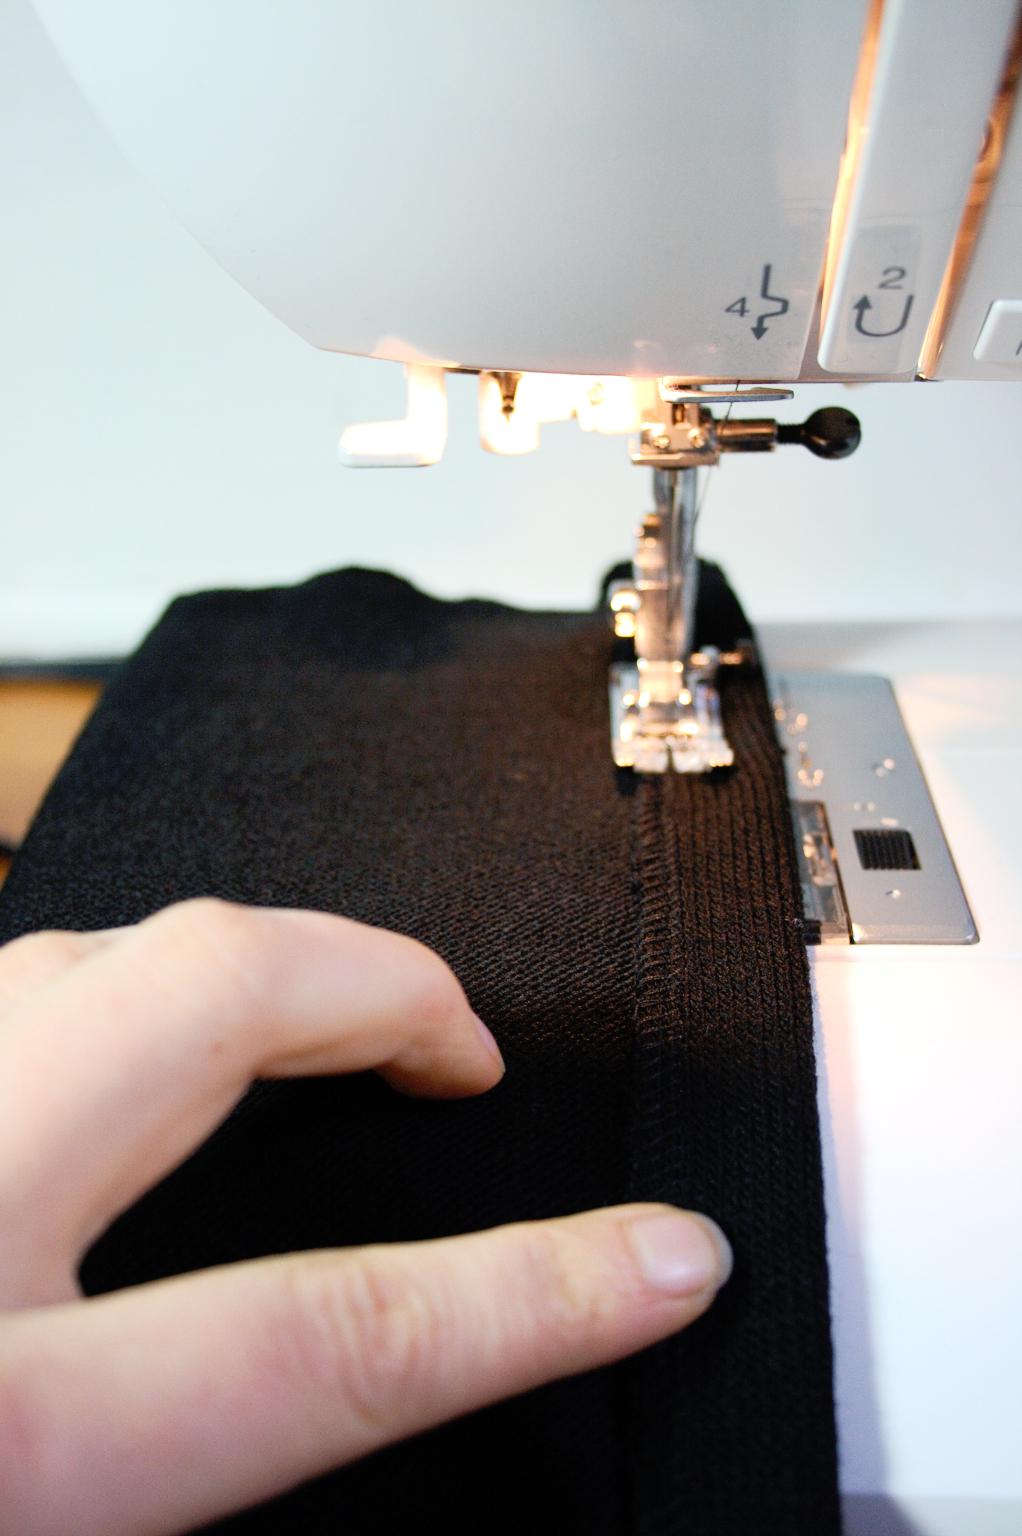 Schnell genähte Strickjacke - Saum nähen - Zebraspider DIY Anti-Fashion Blog